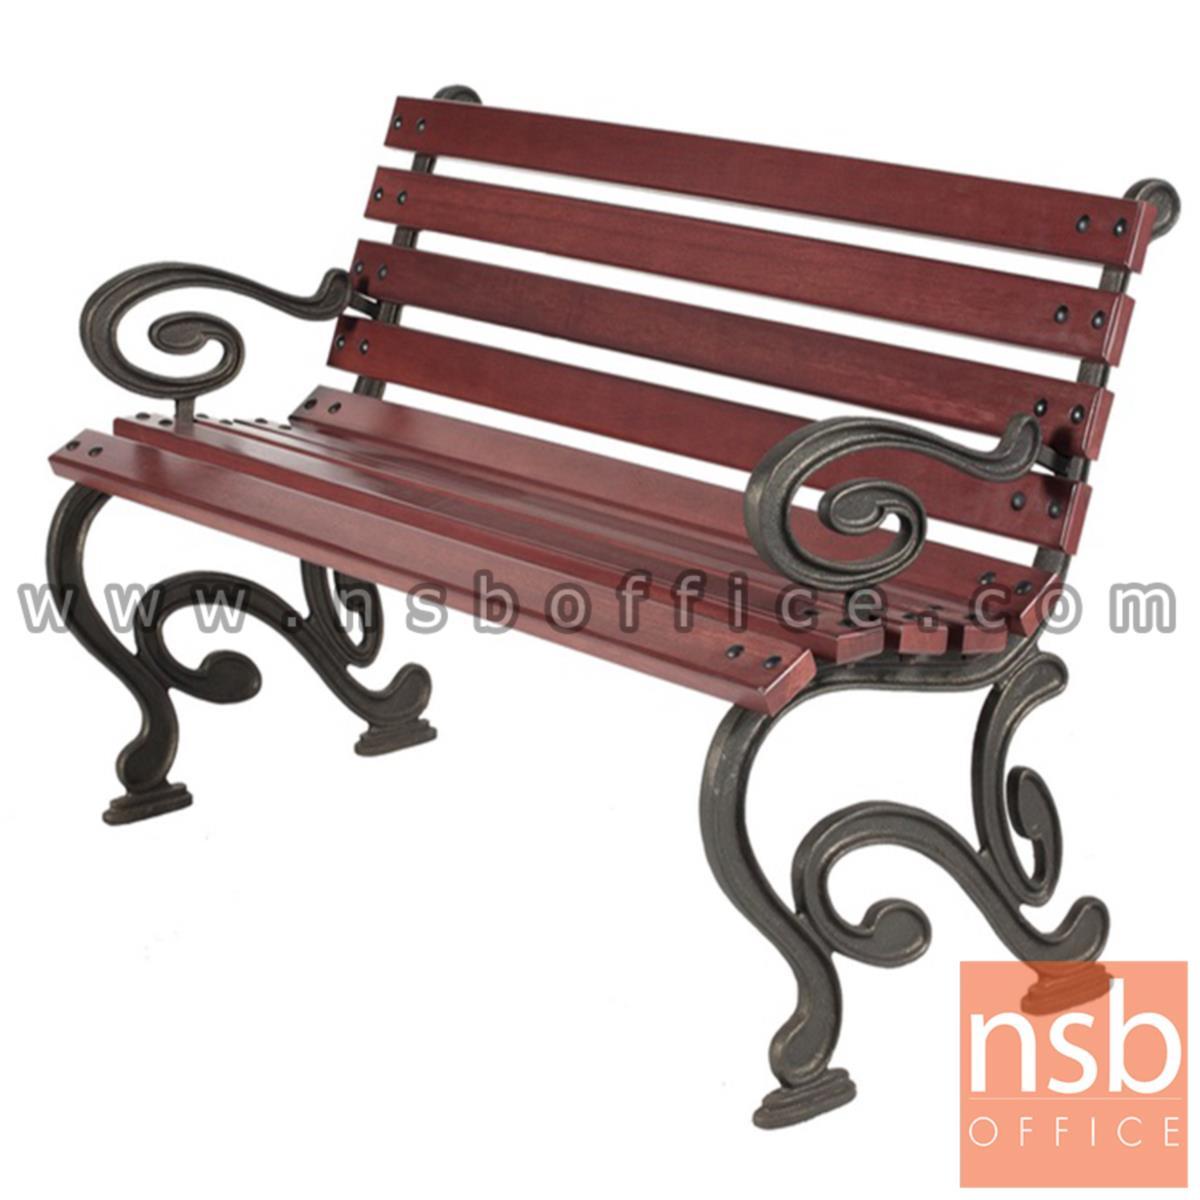 G08A009:เก้าอี้สนามไม้เต็ง เหล็กหล่อ กทม. BKK-CO43 (100, 120, 150, 200 cm)